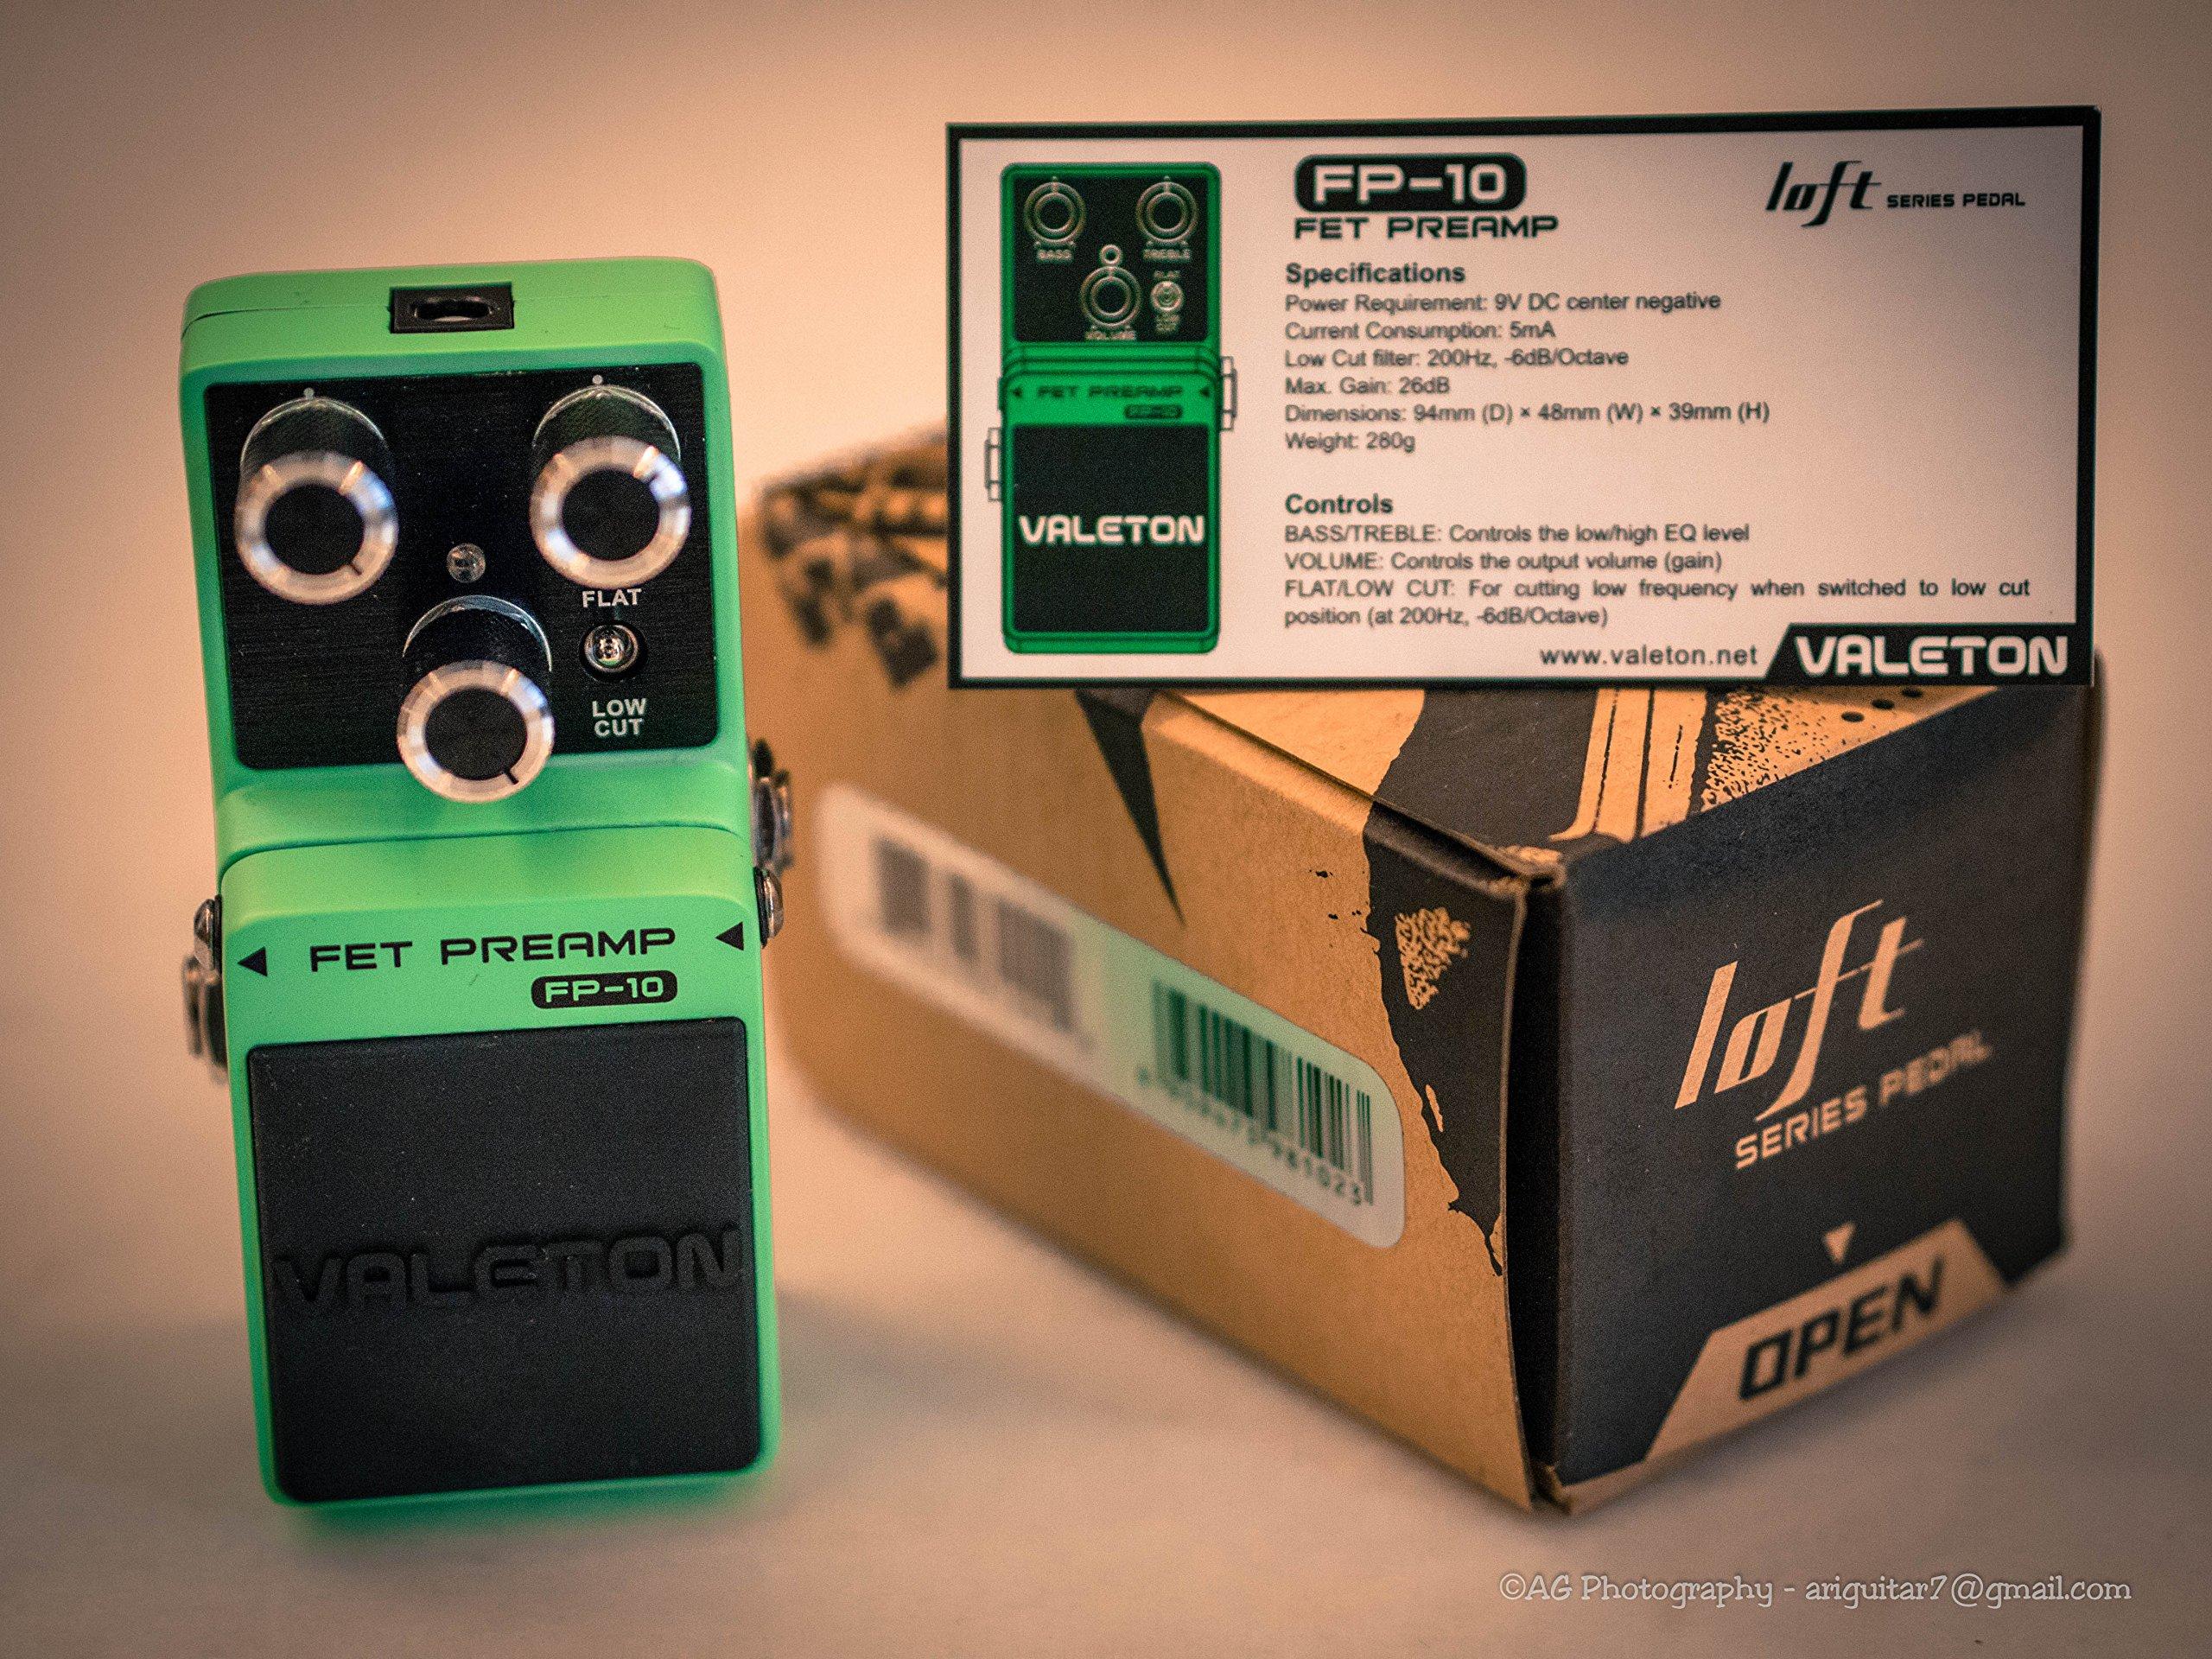 Valeton Loft Series FP-10 FET Preamp Buffer Bypass Guitar Effects Pedal